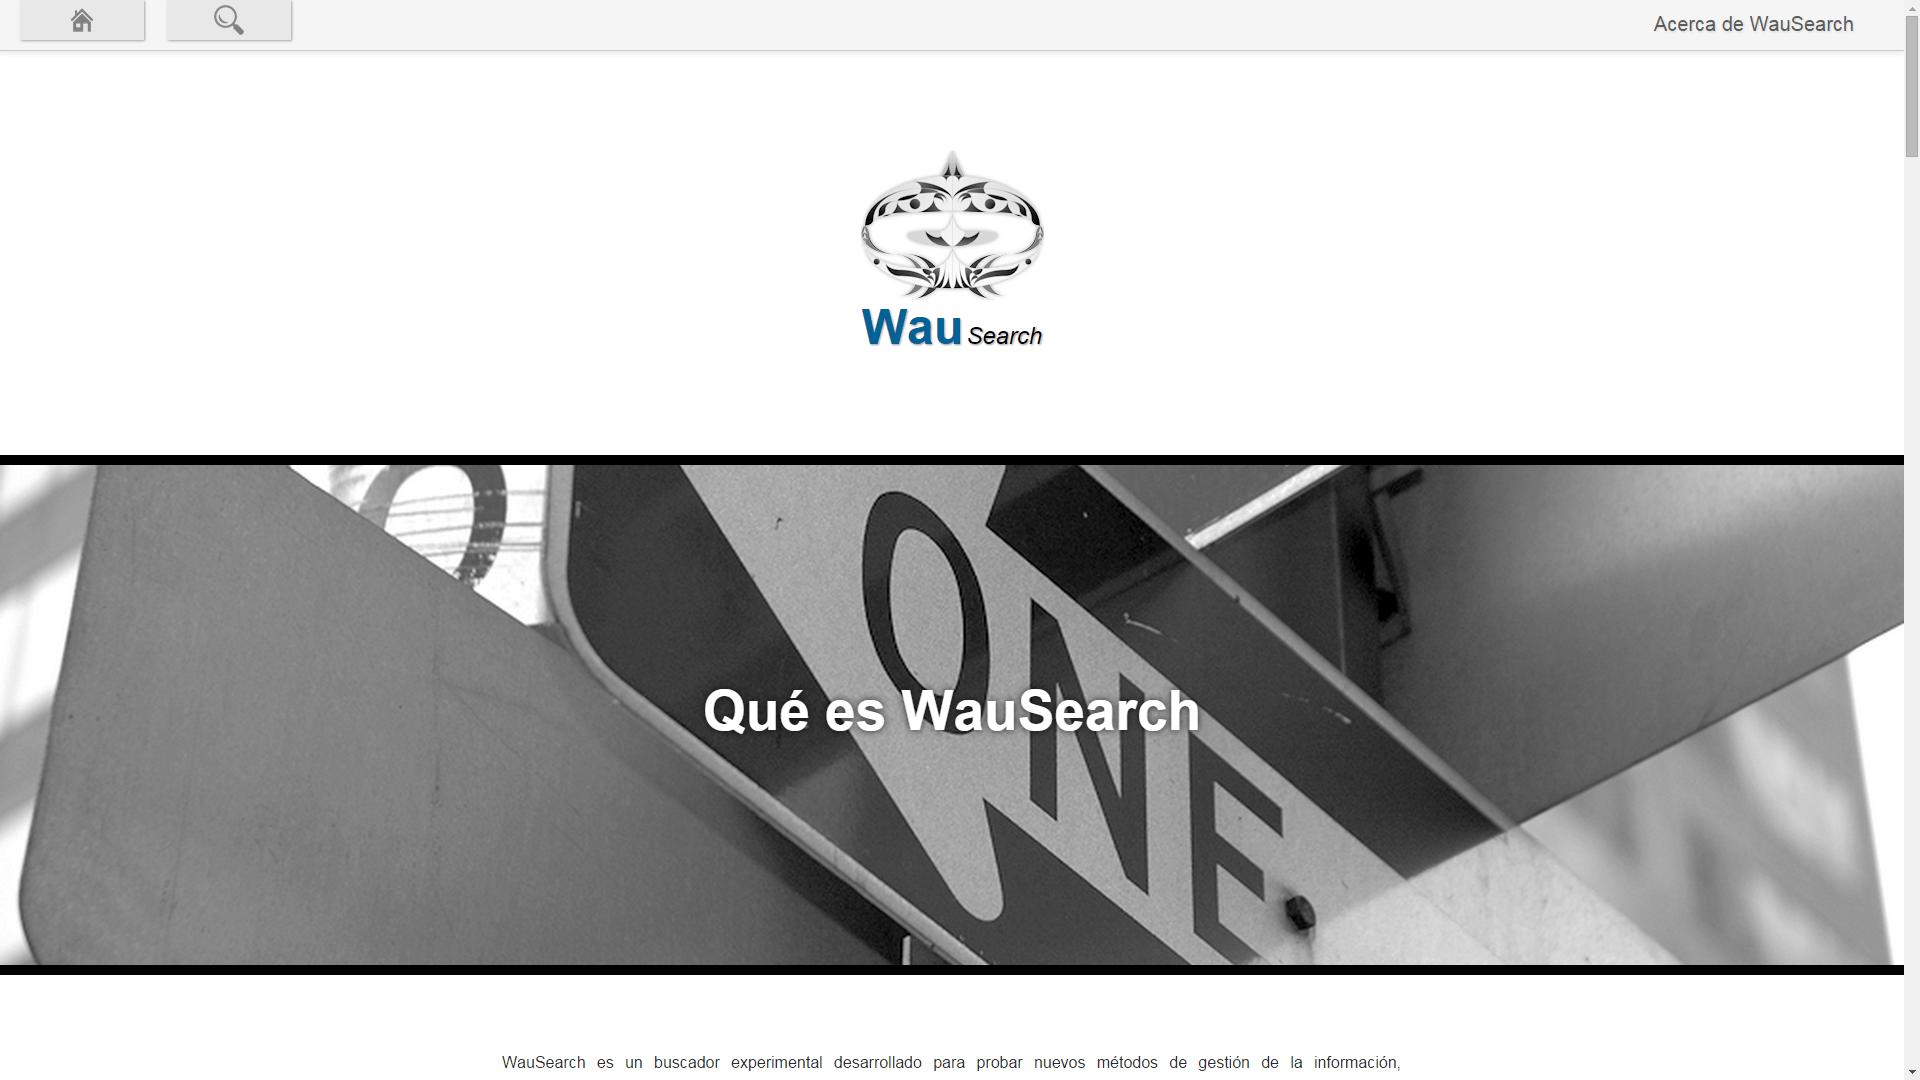 Información relativa al proyecto WauSearch